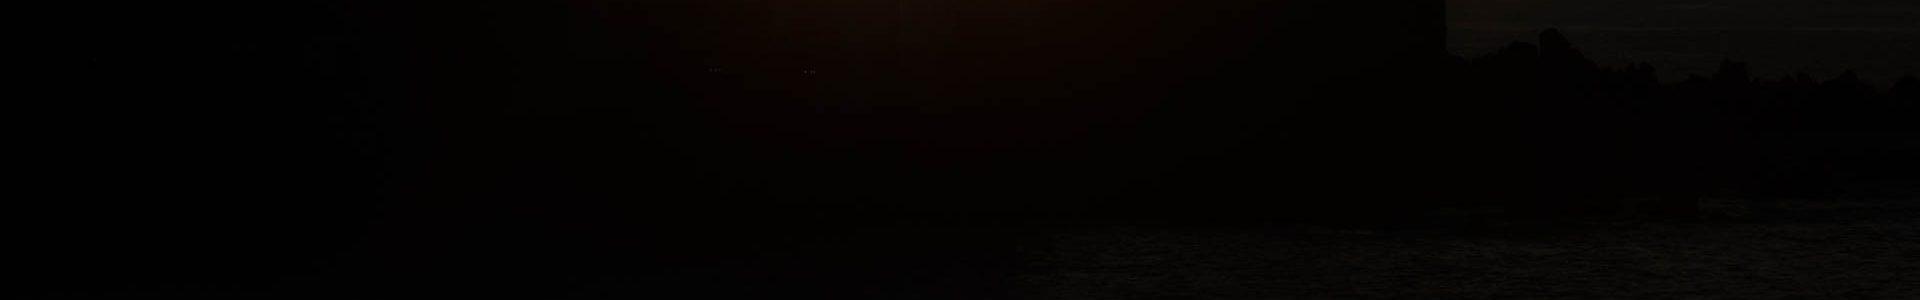 Foto: Urlaub III – Die Laternen des Leuchturmwärters